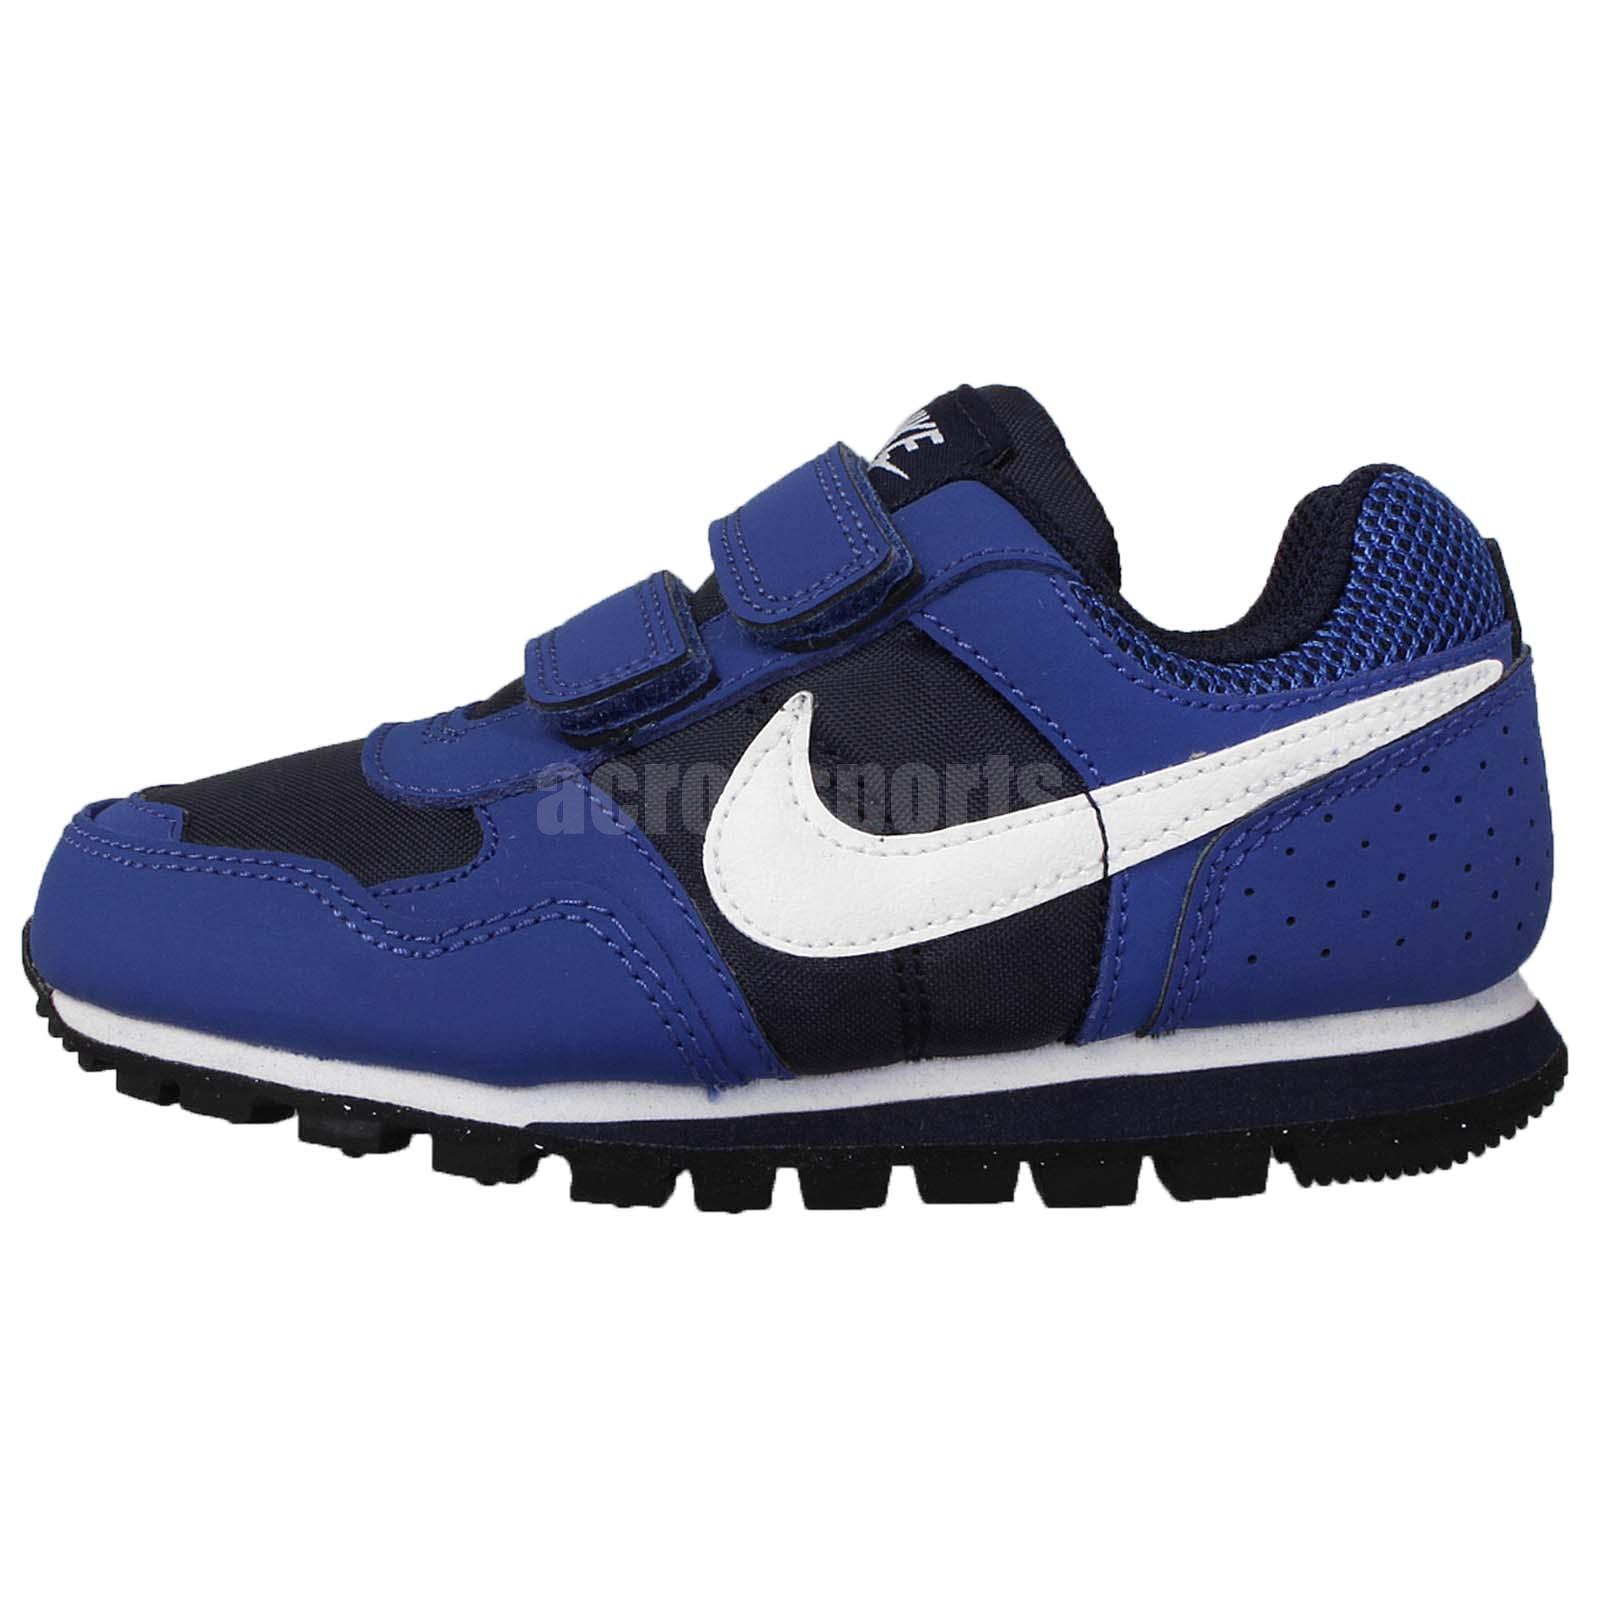 Nike Md Runner Psv Blue Navy White Preschool Boys Running Shoes